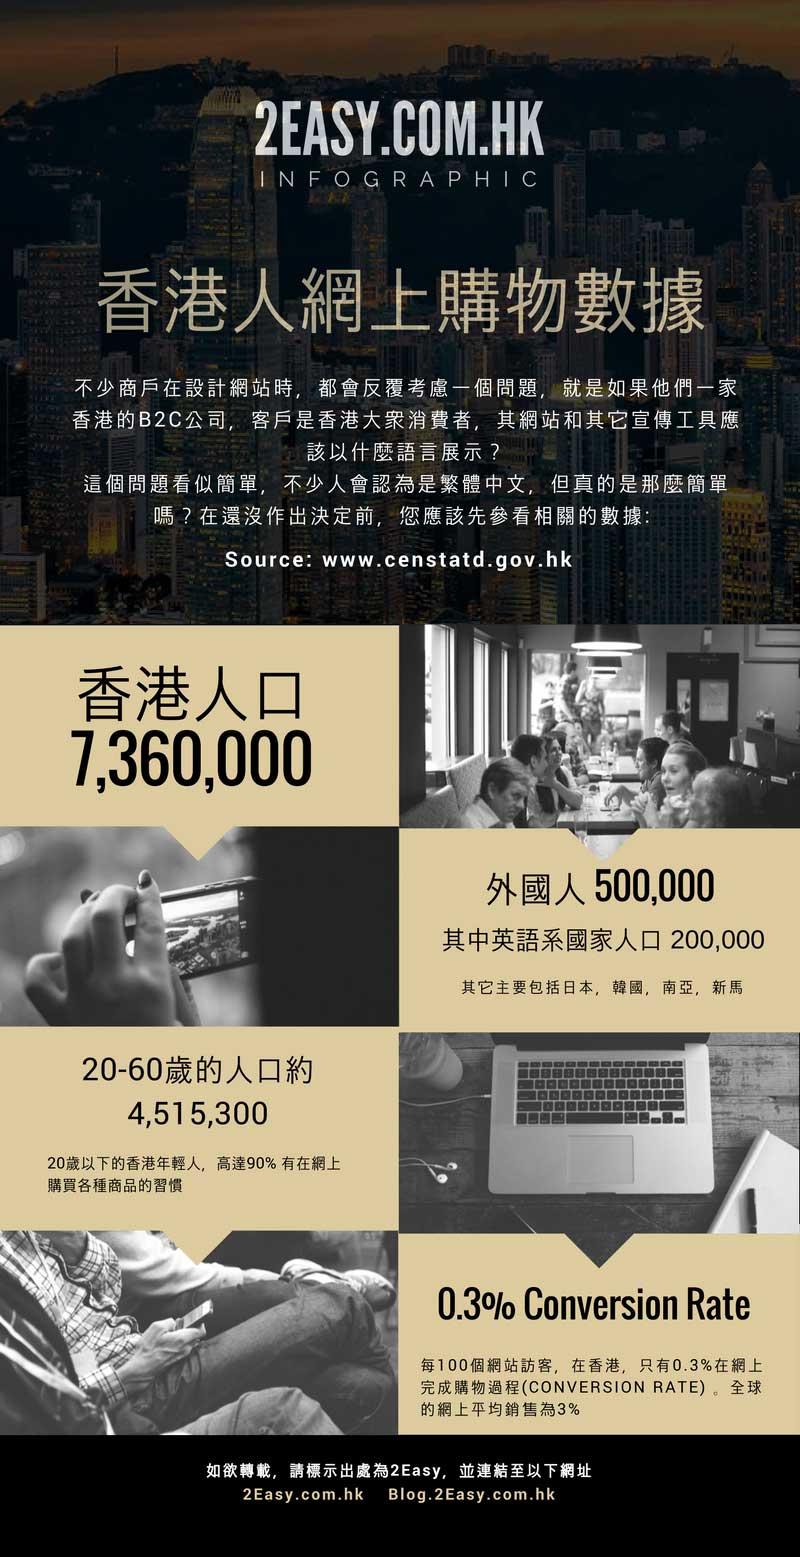 一家香港的B2C公司,客戶是香港大眾消費者,其網站和其它宣傳工具應該以什麼語言展示?這個問題看似簡單,不少人會認為是繁體中文,但真的是那麼簡單嗎?在還進行網頁設計前,您應該先參看相關的數據: